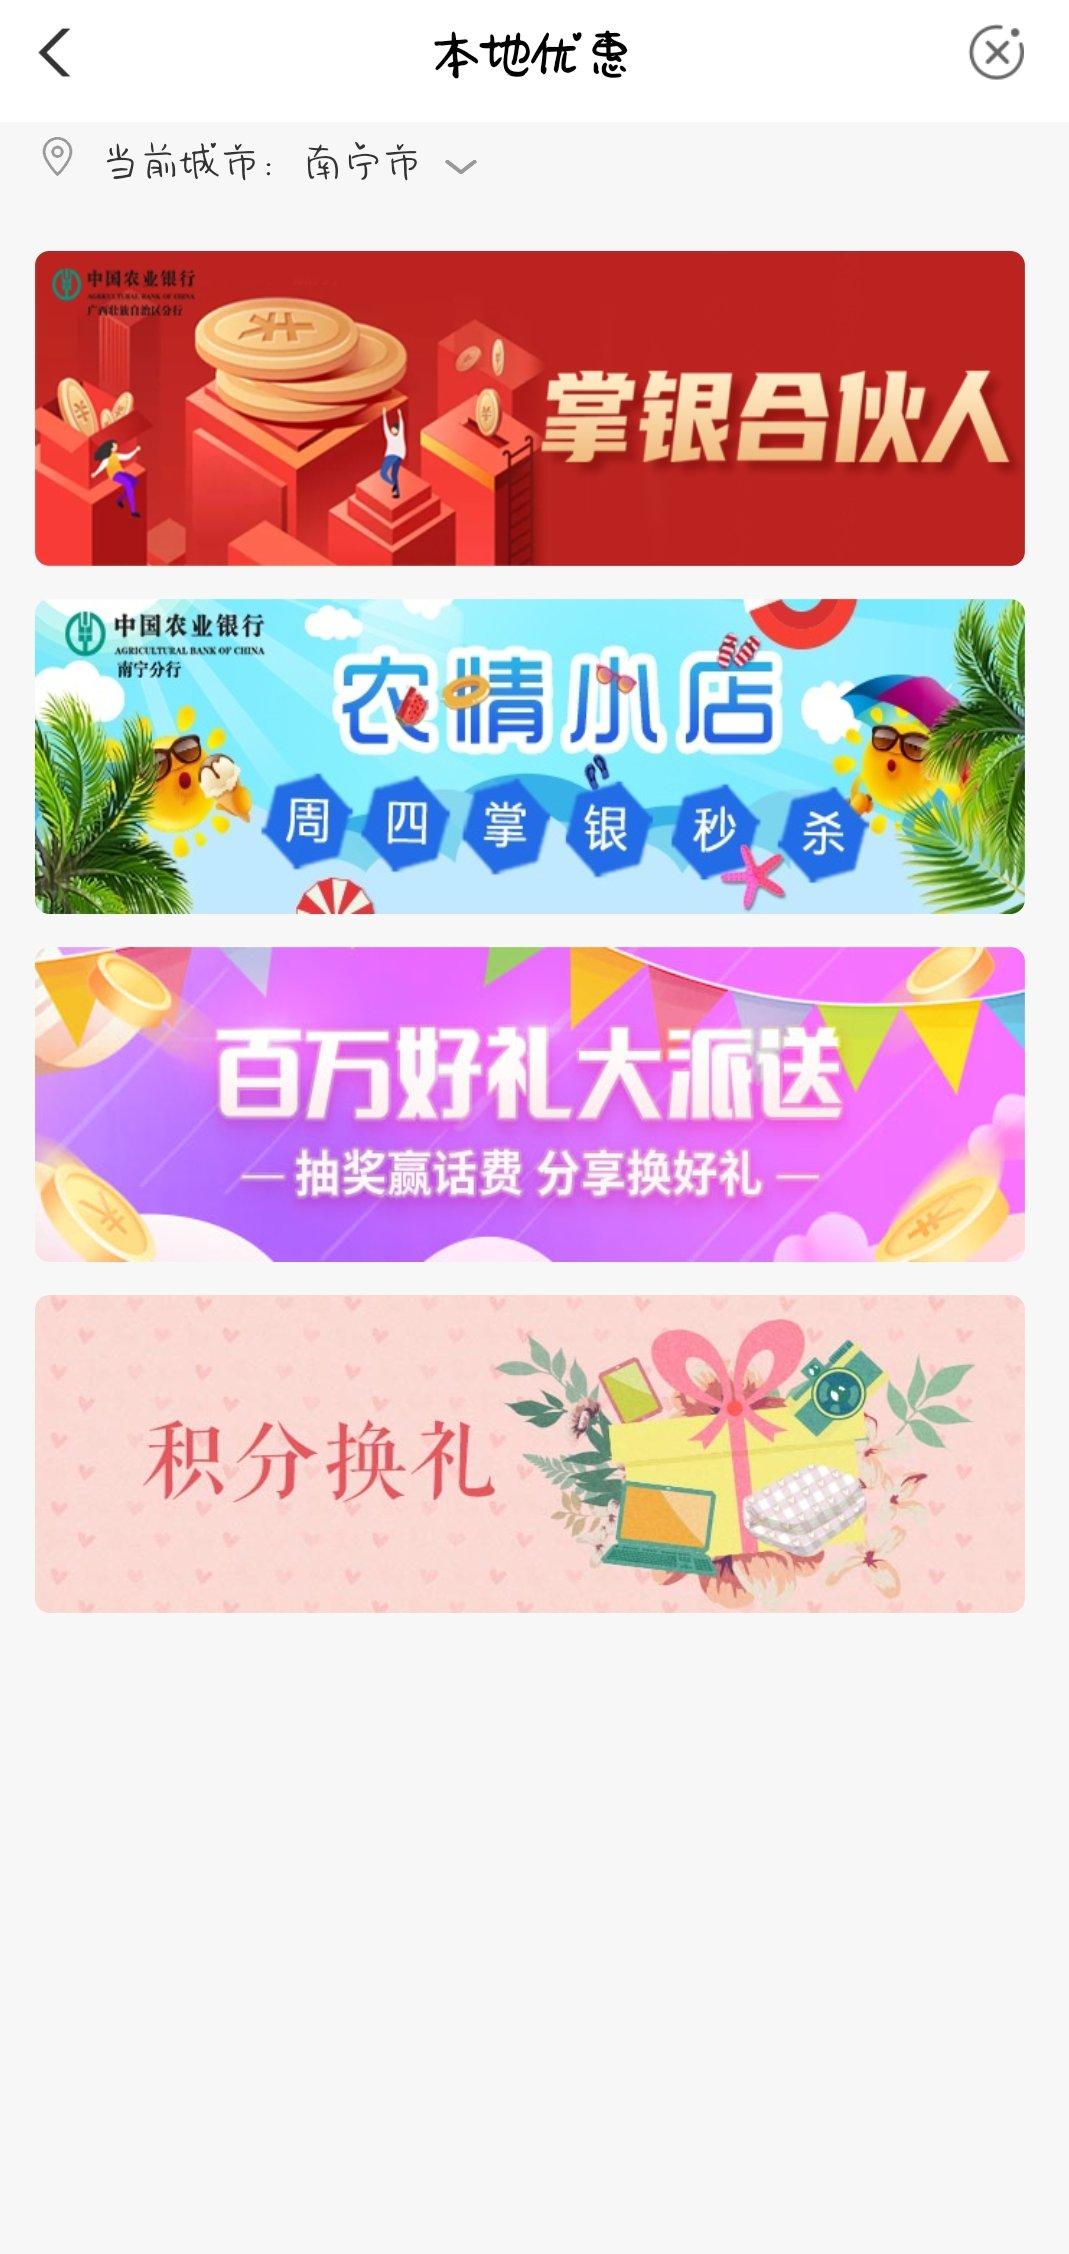 【活动介绍】广西农行百万好礼送最高通话费100元插图